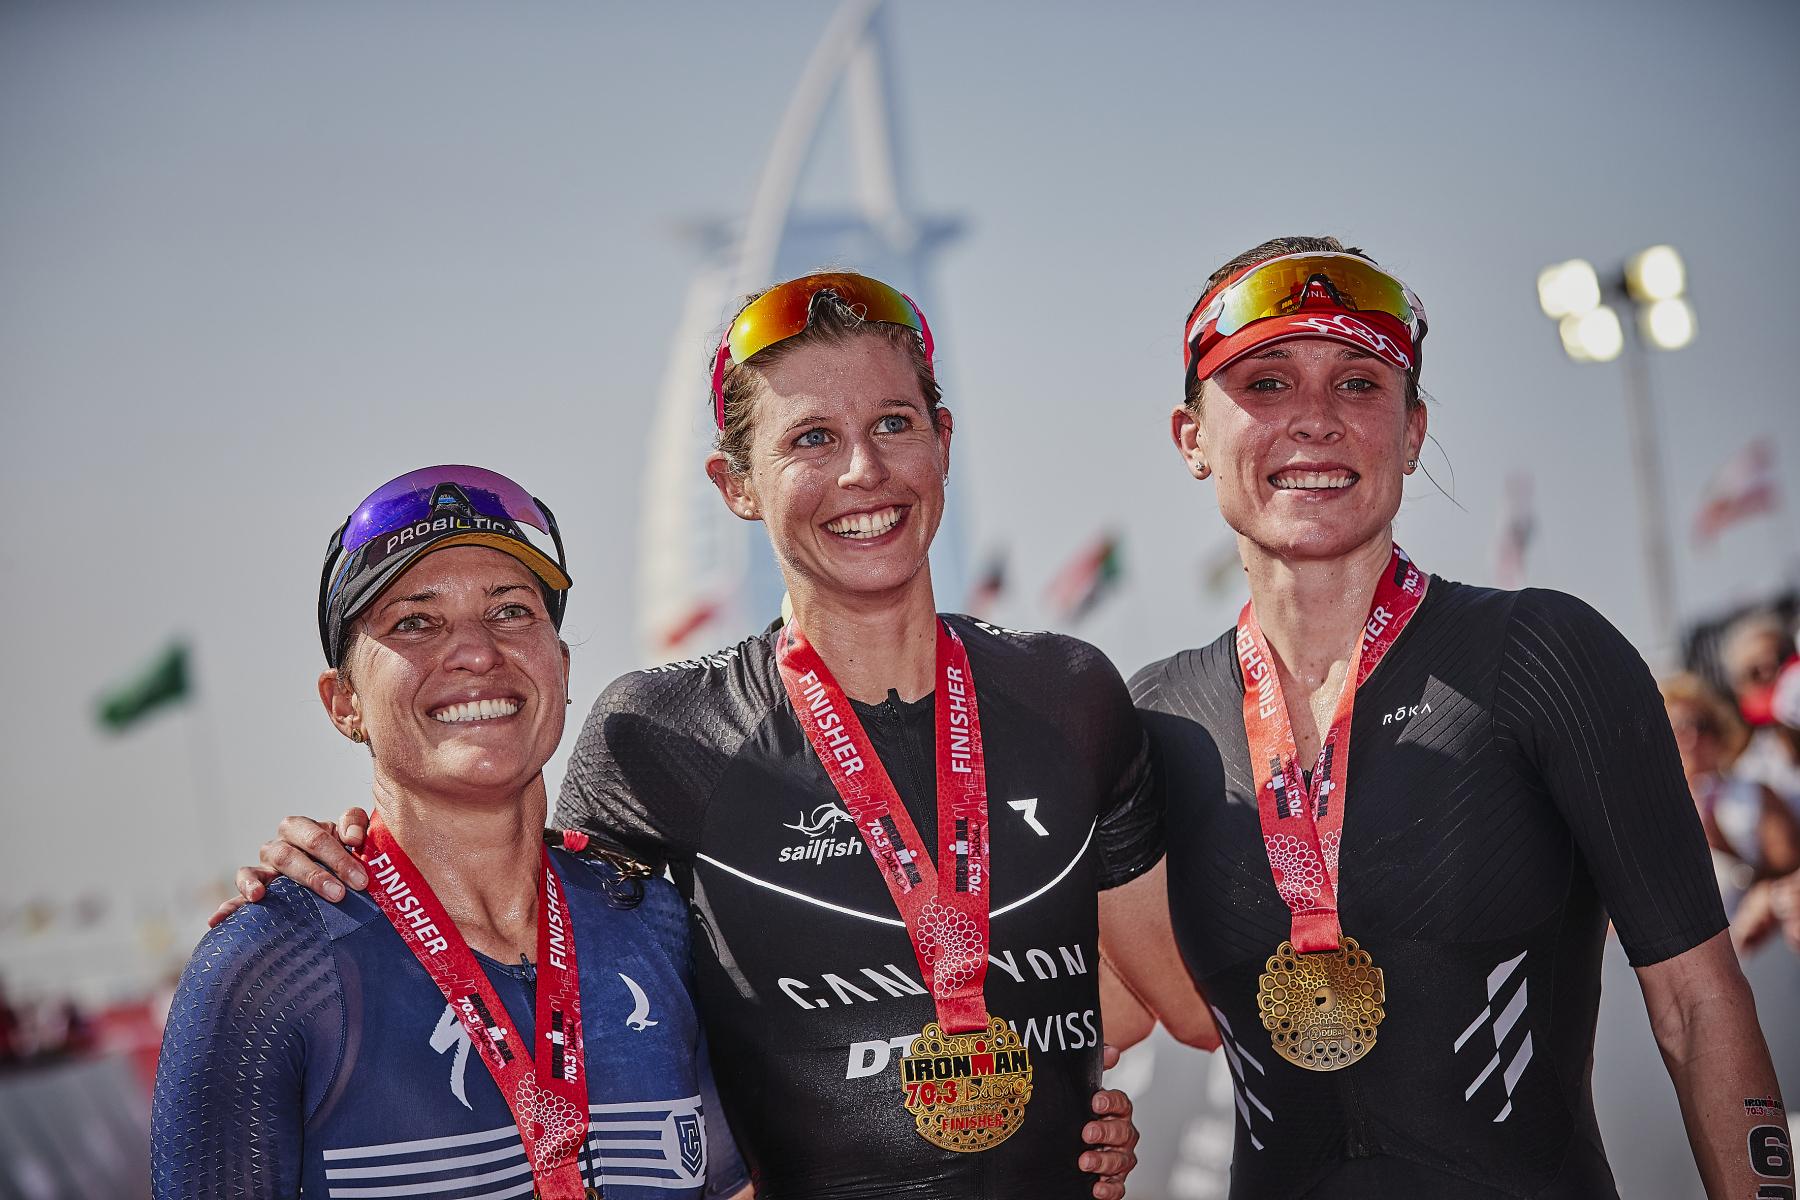 Ironman 70.3 Dubai 2020 © Activ'images